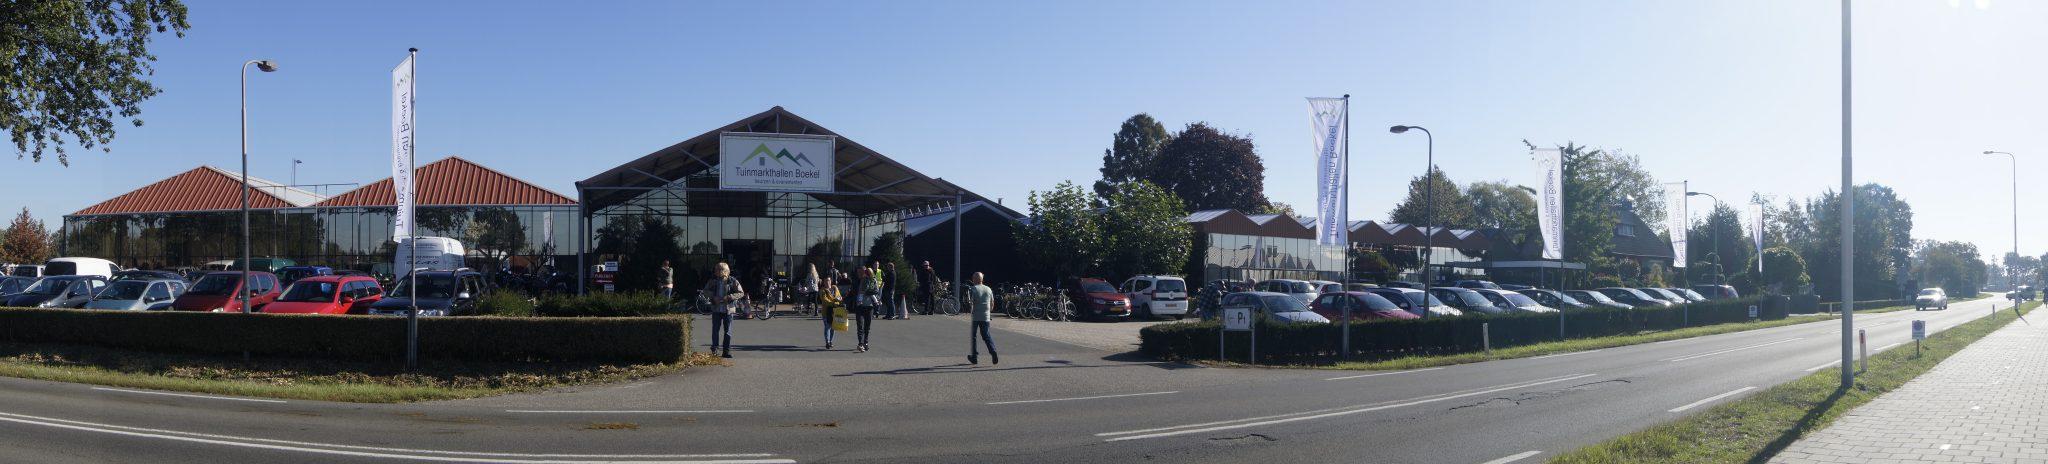 Tuinmarkthallen Boekel